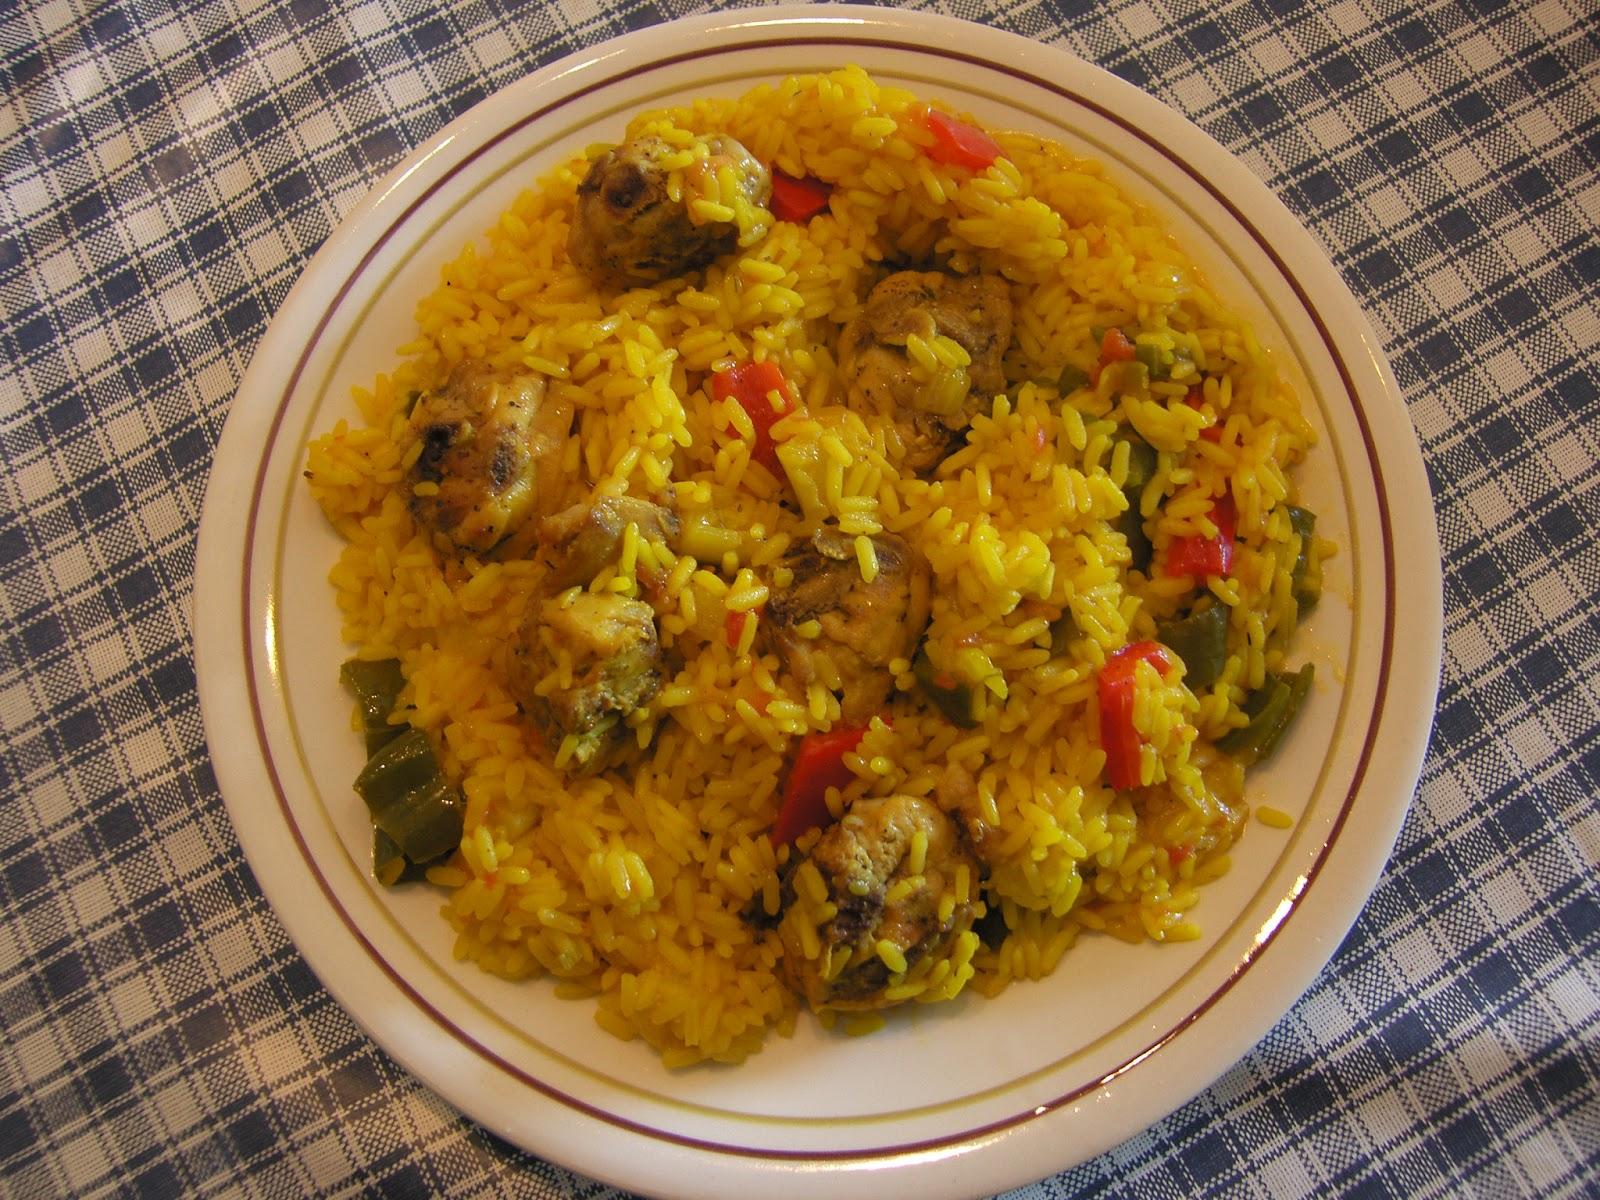 Arroz con conejo recetas de cocina - Cocina con sara paella ...